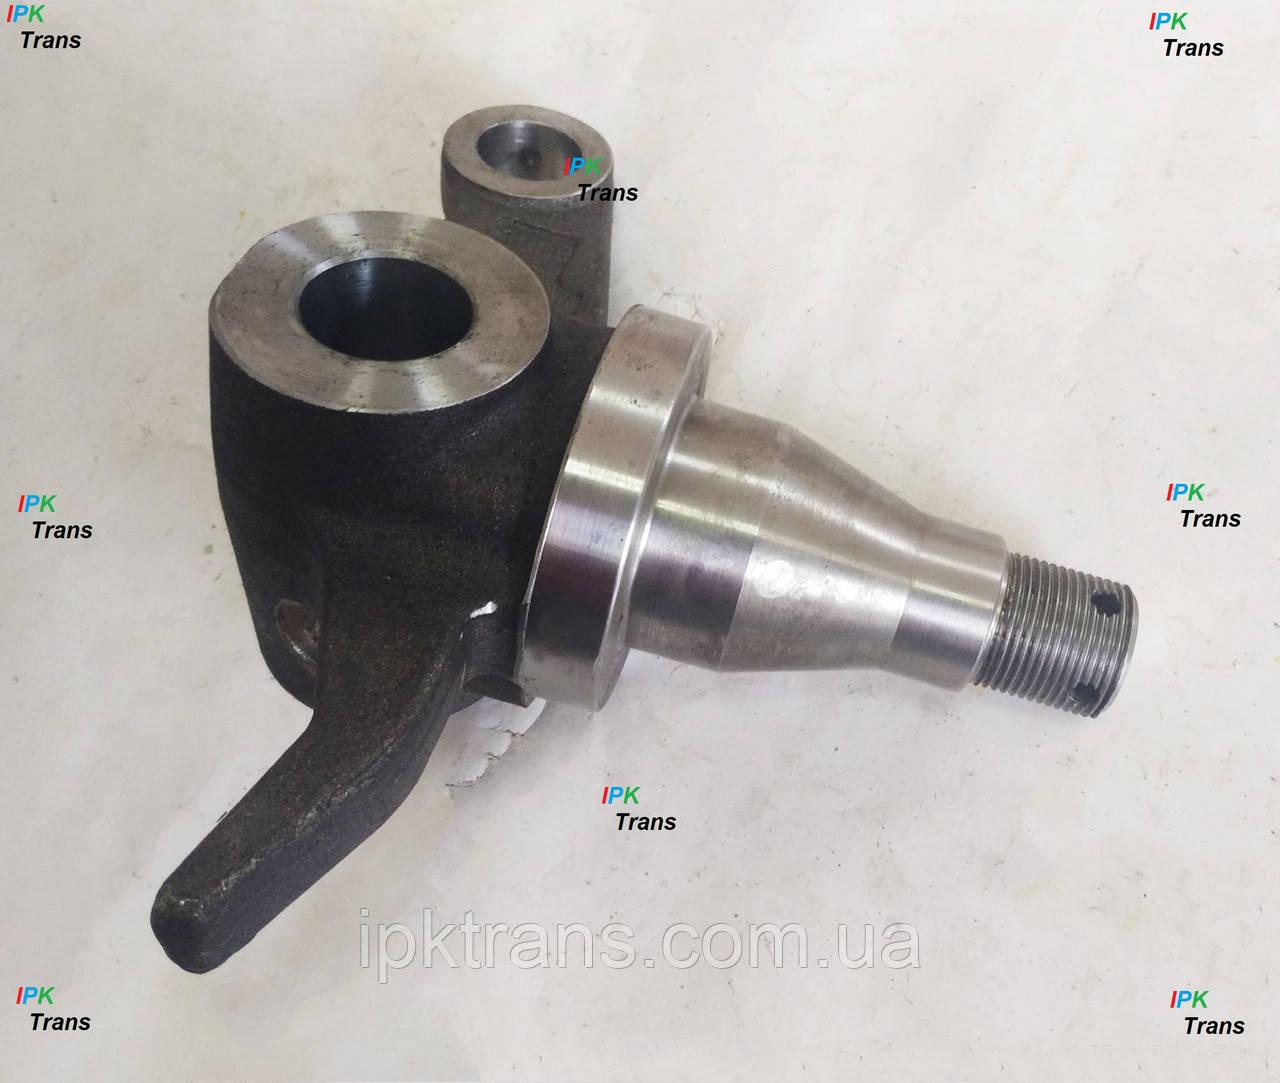 Кулак поворотный для погрузчика Heli CPCD30 (2150 грн) Левый H24C4-32172 / H24C432172